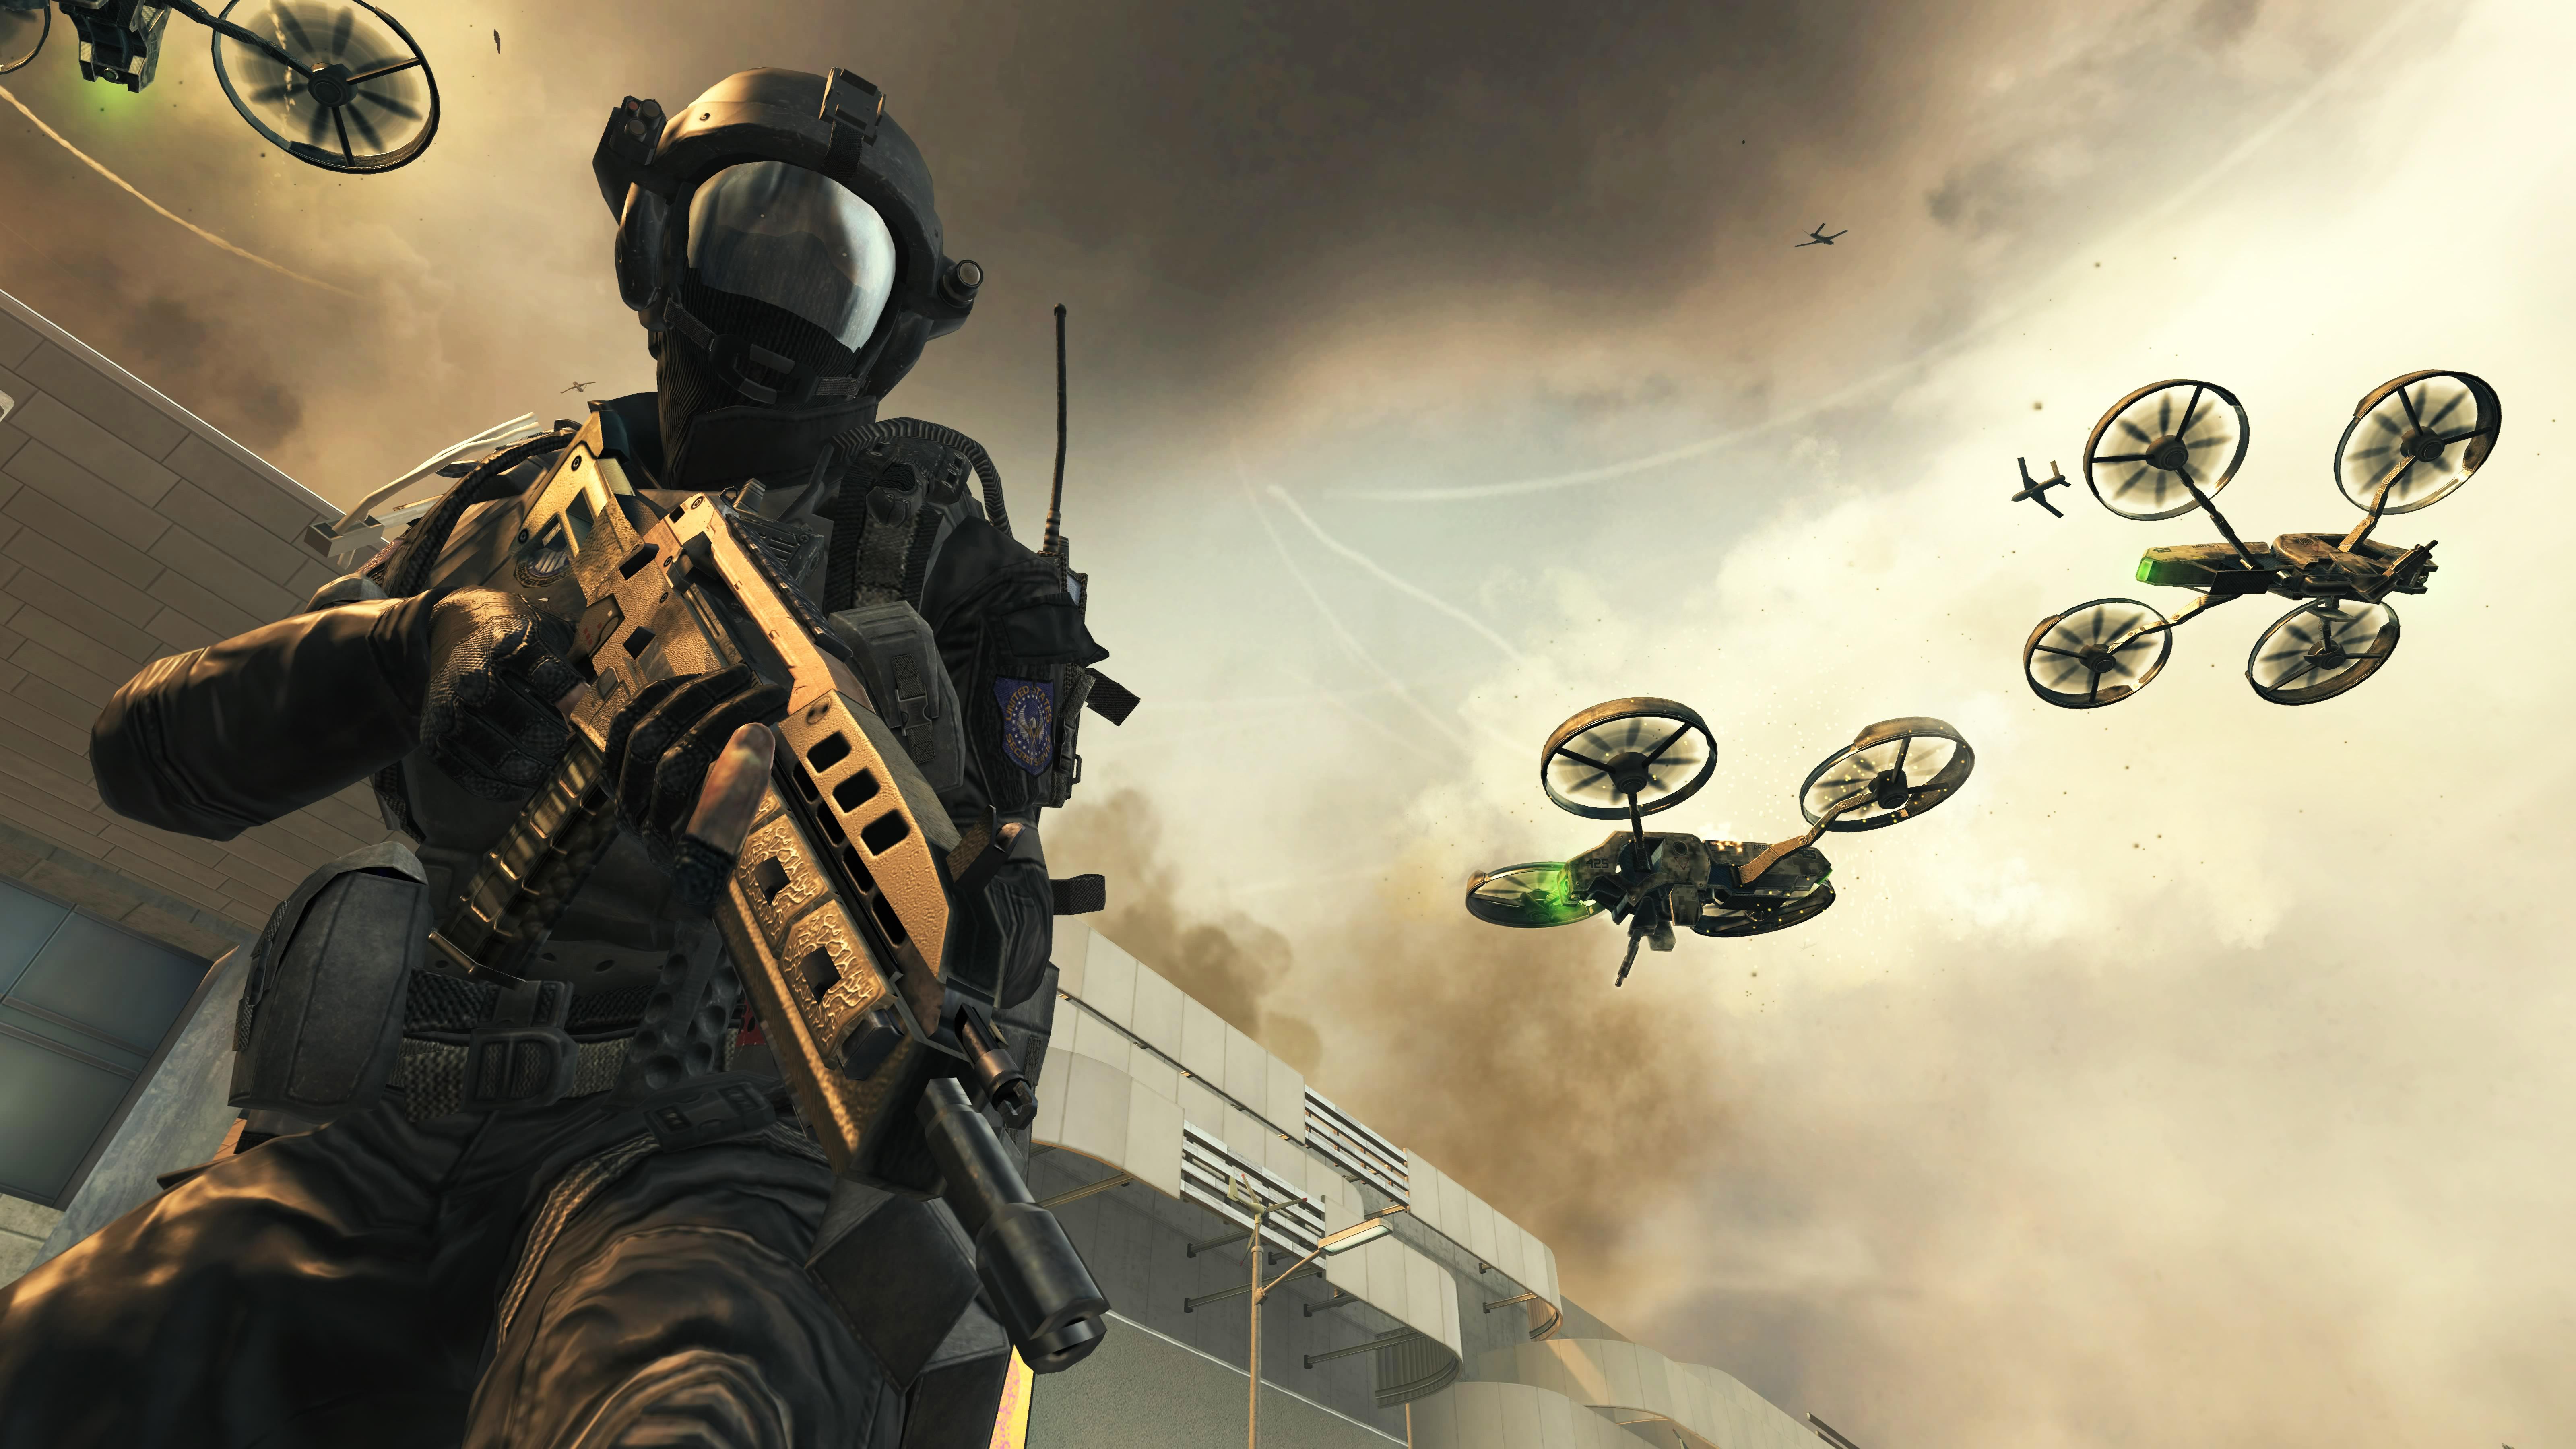 Call of Duty®: Black Ops II